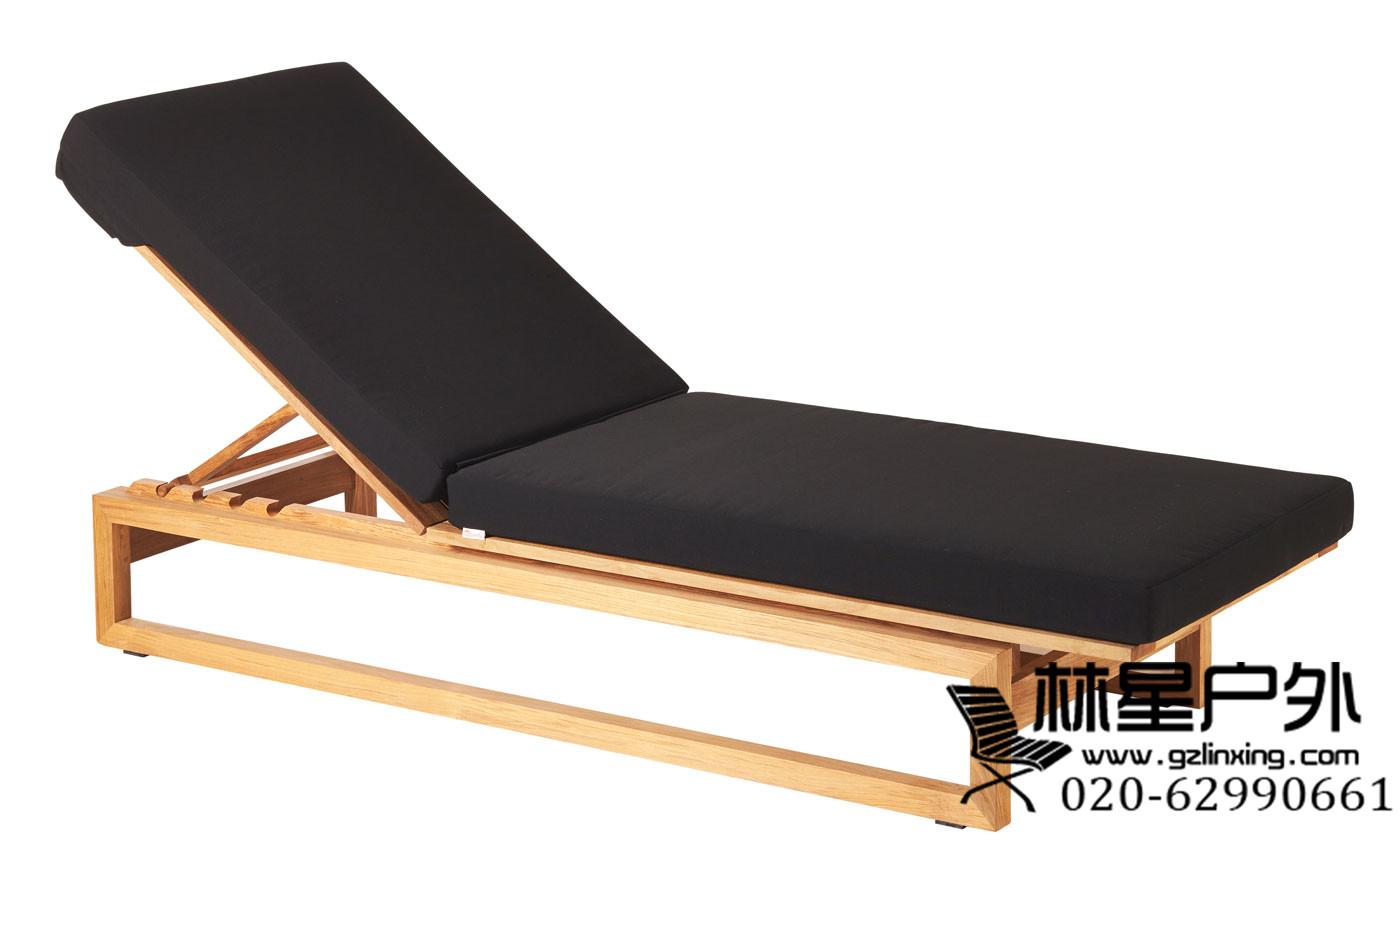 实木靠背沙滩椅,防腐耐用休闲躺椅2023